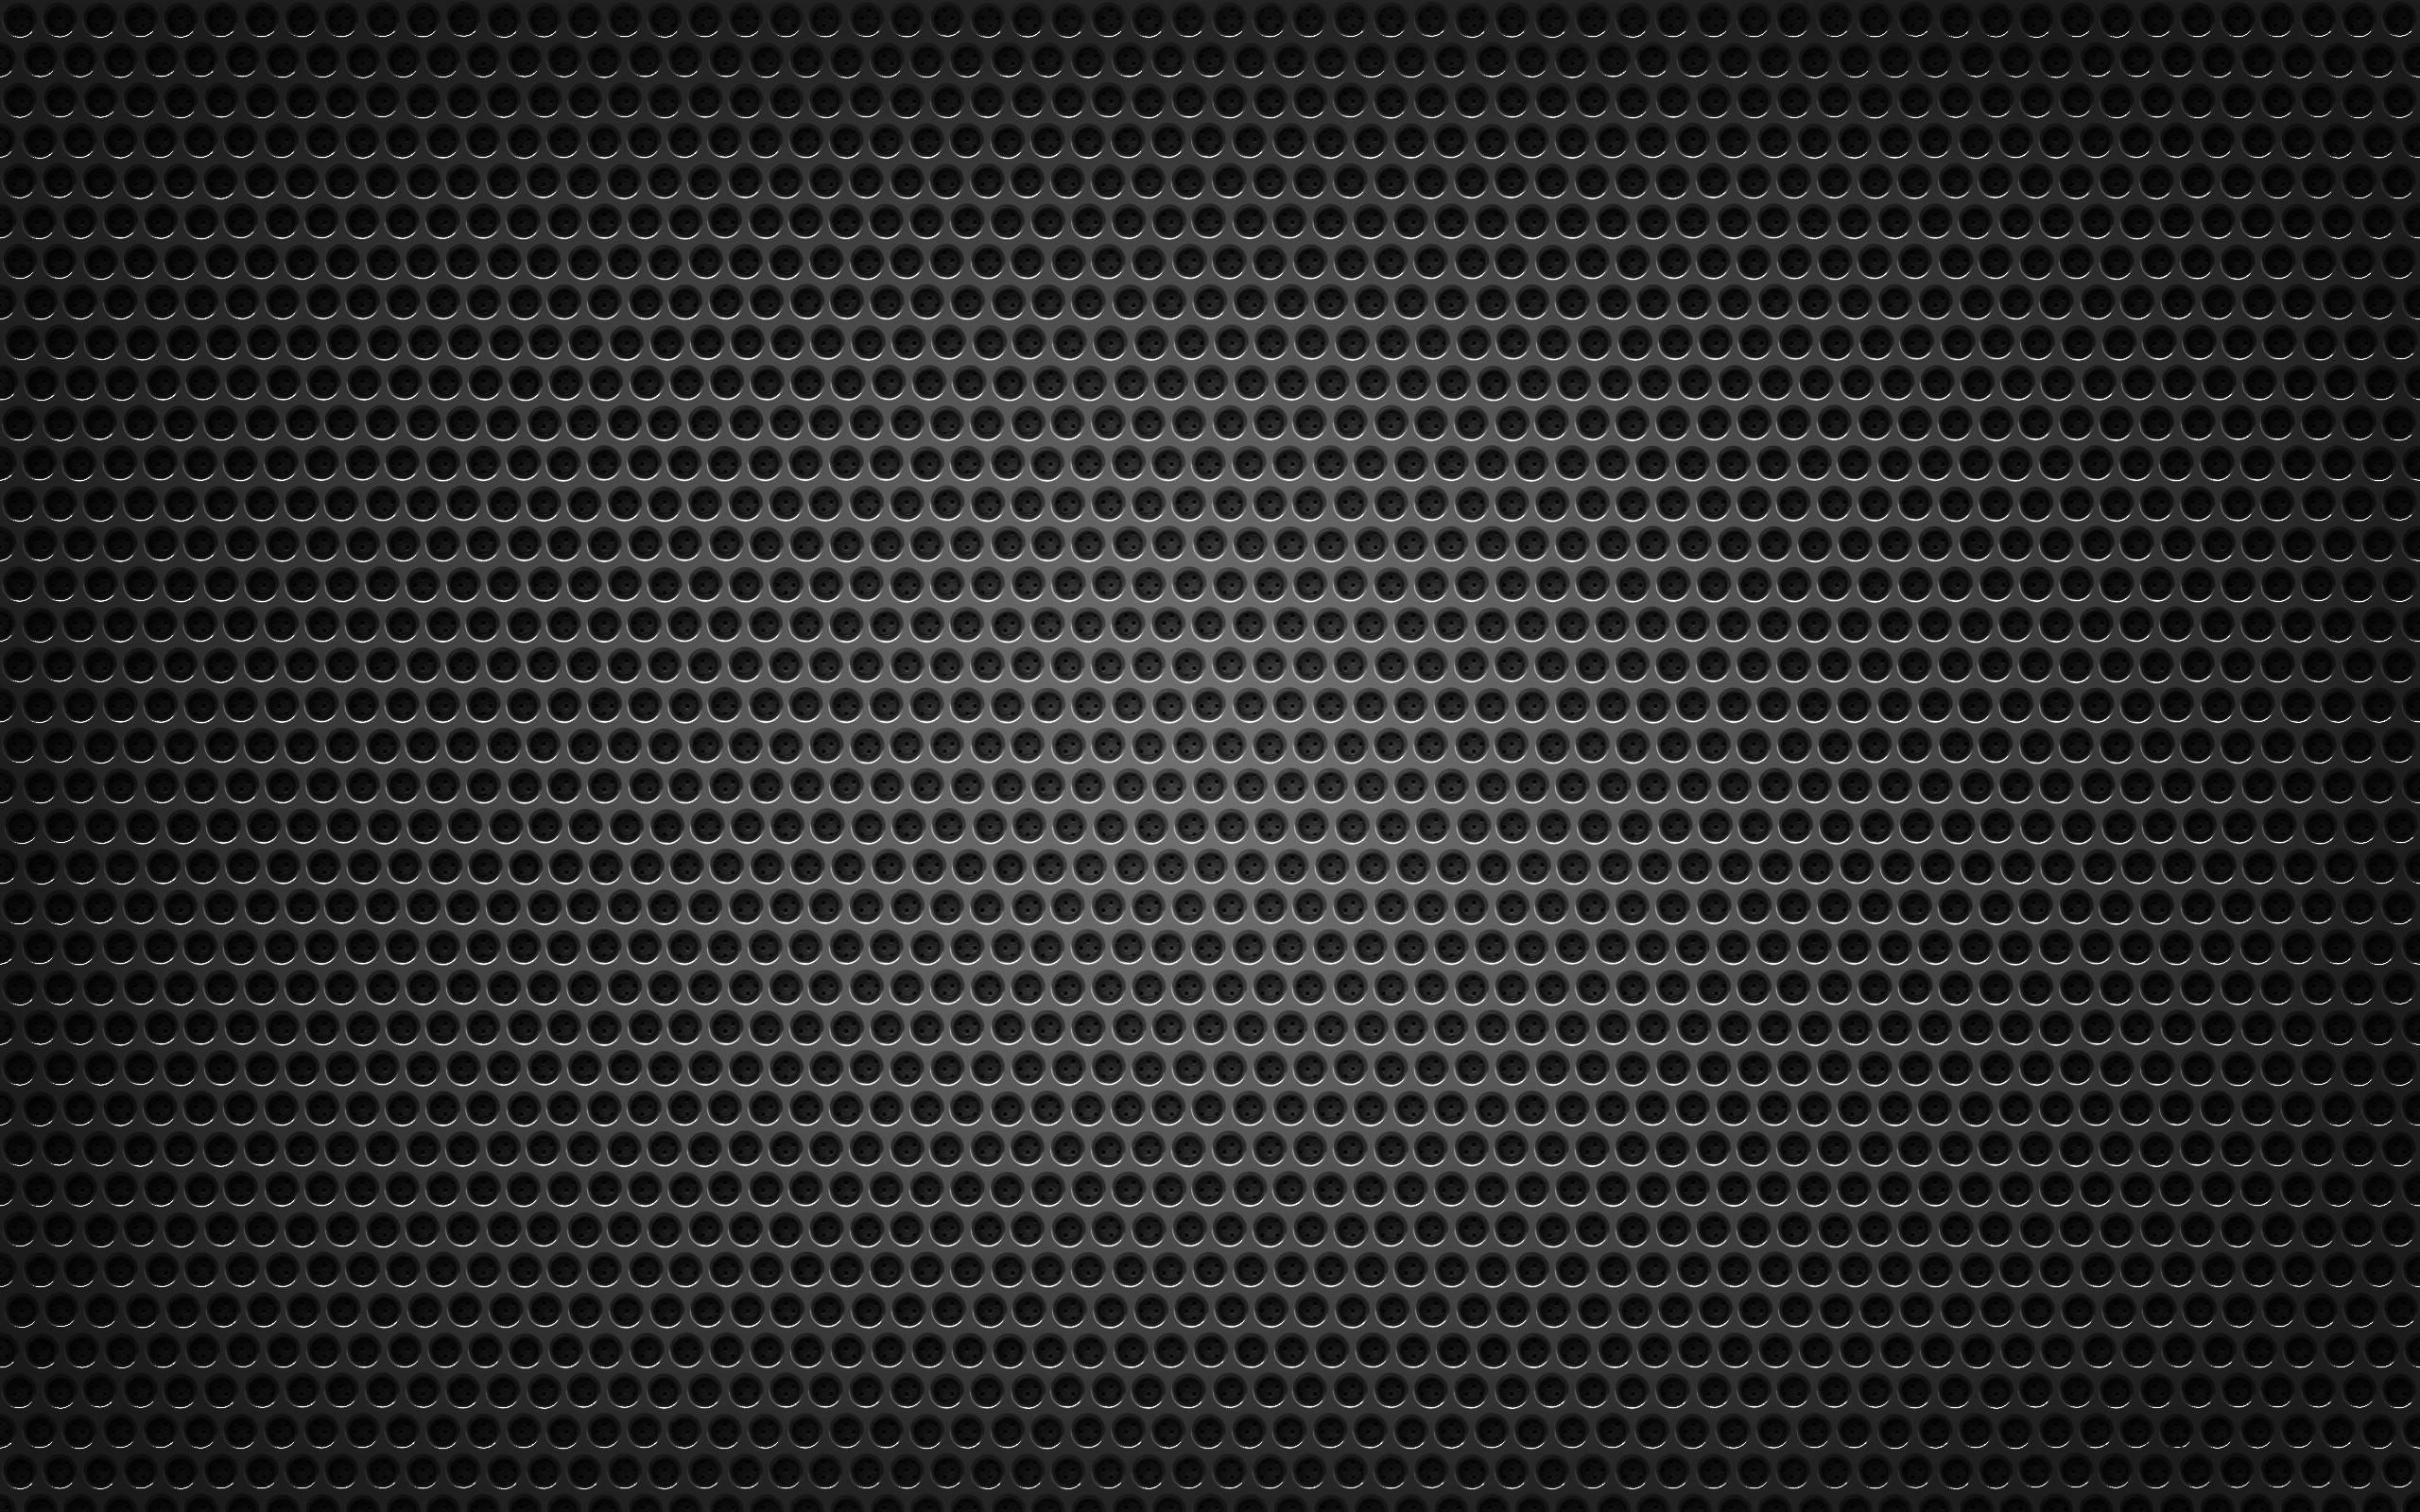 mind teaser texture wallpaper textures pinterest